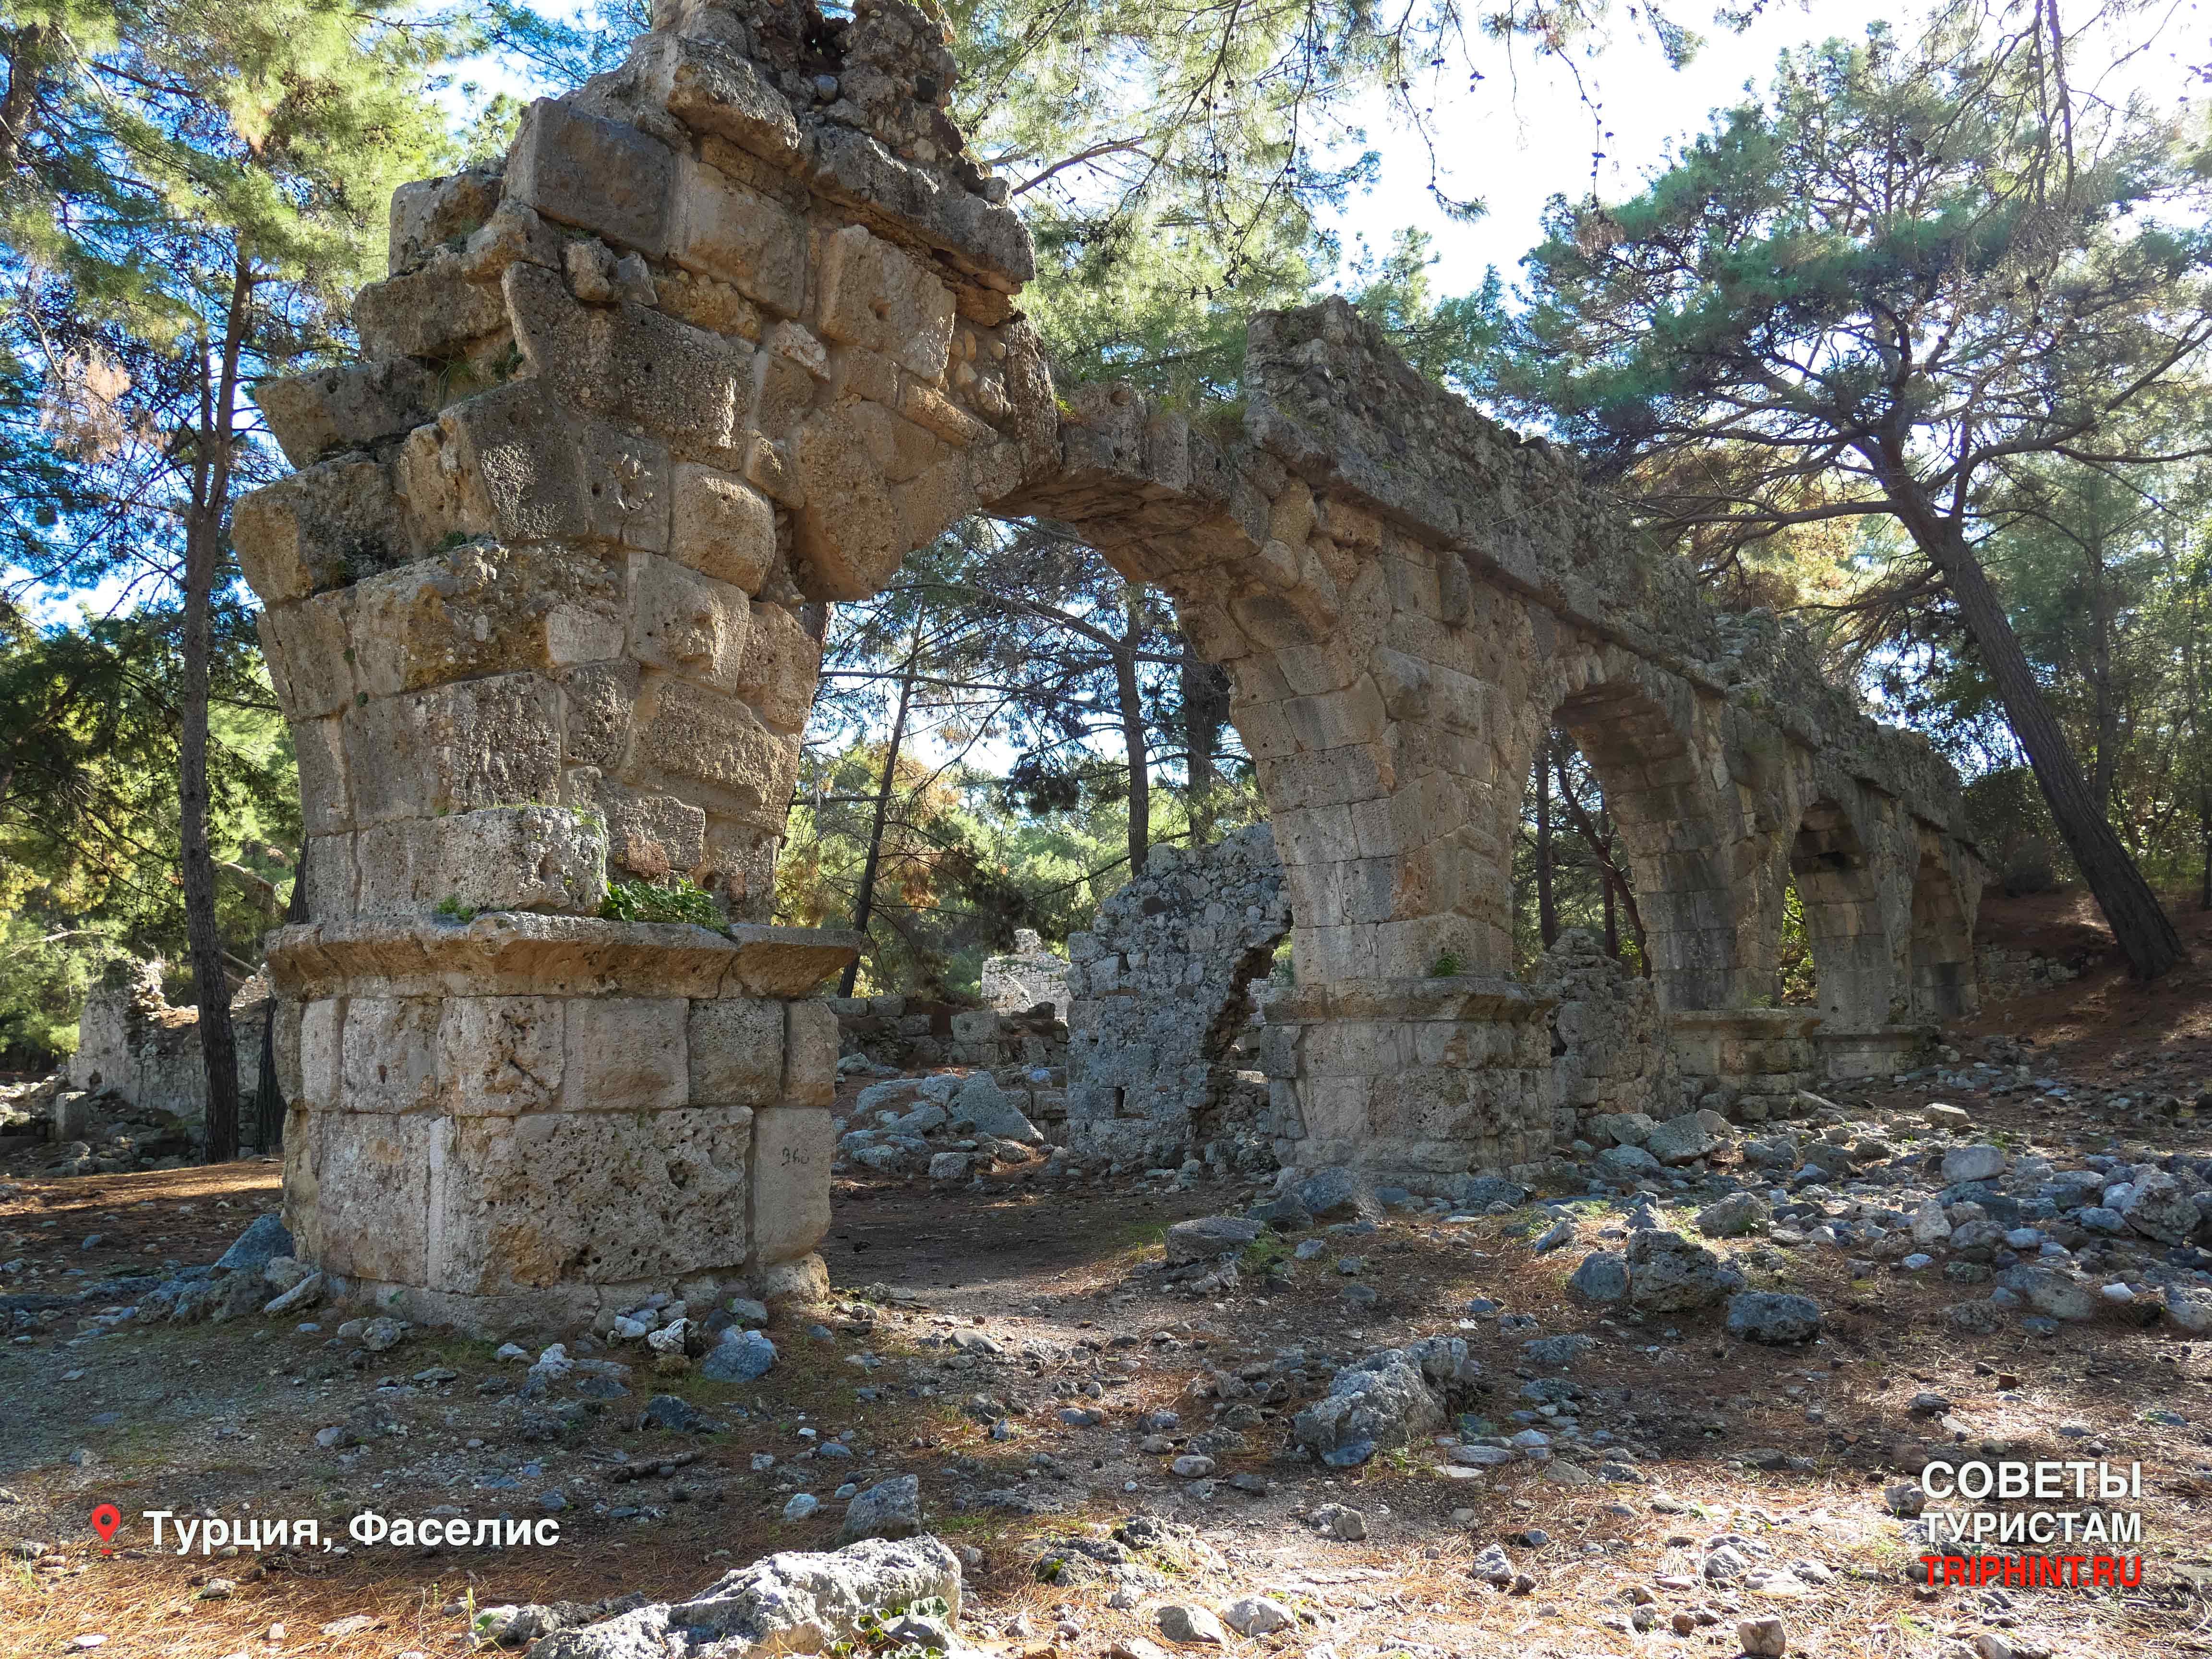 Где отдохнуть на новый год в Турции? Древний город и заповедник Фаселис (акведук)